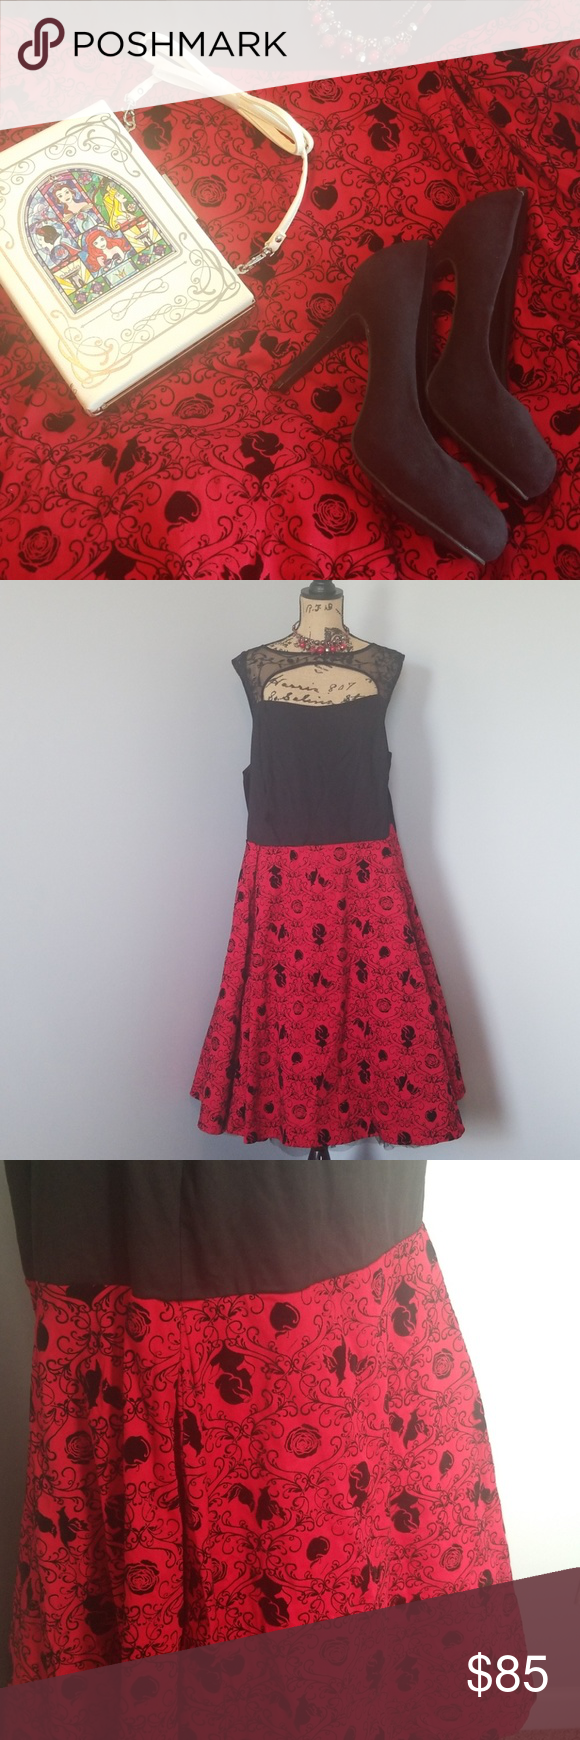 Lace dress torrid  Disney Dress Torrid W Velvet Damask Halloween  My Posh Picks